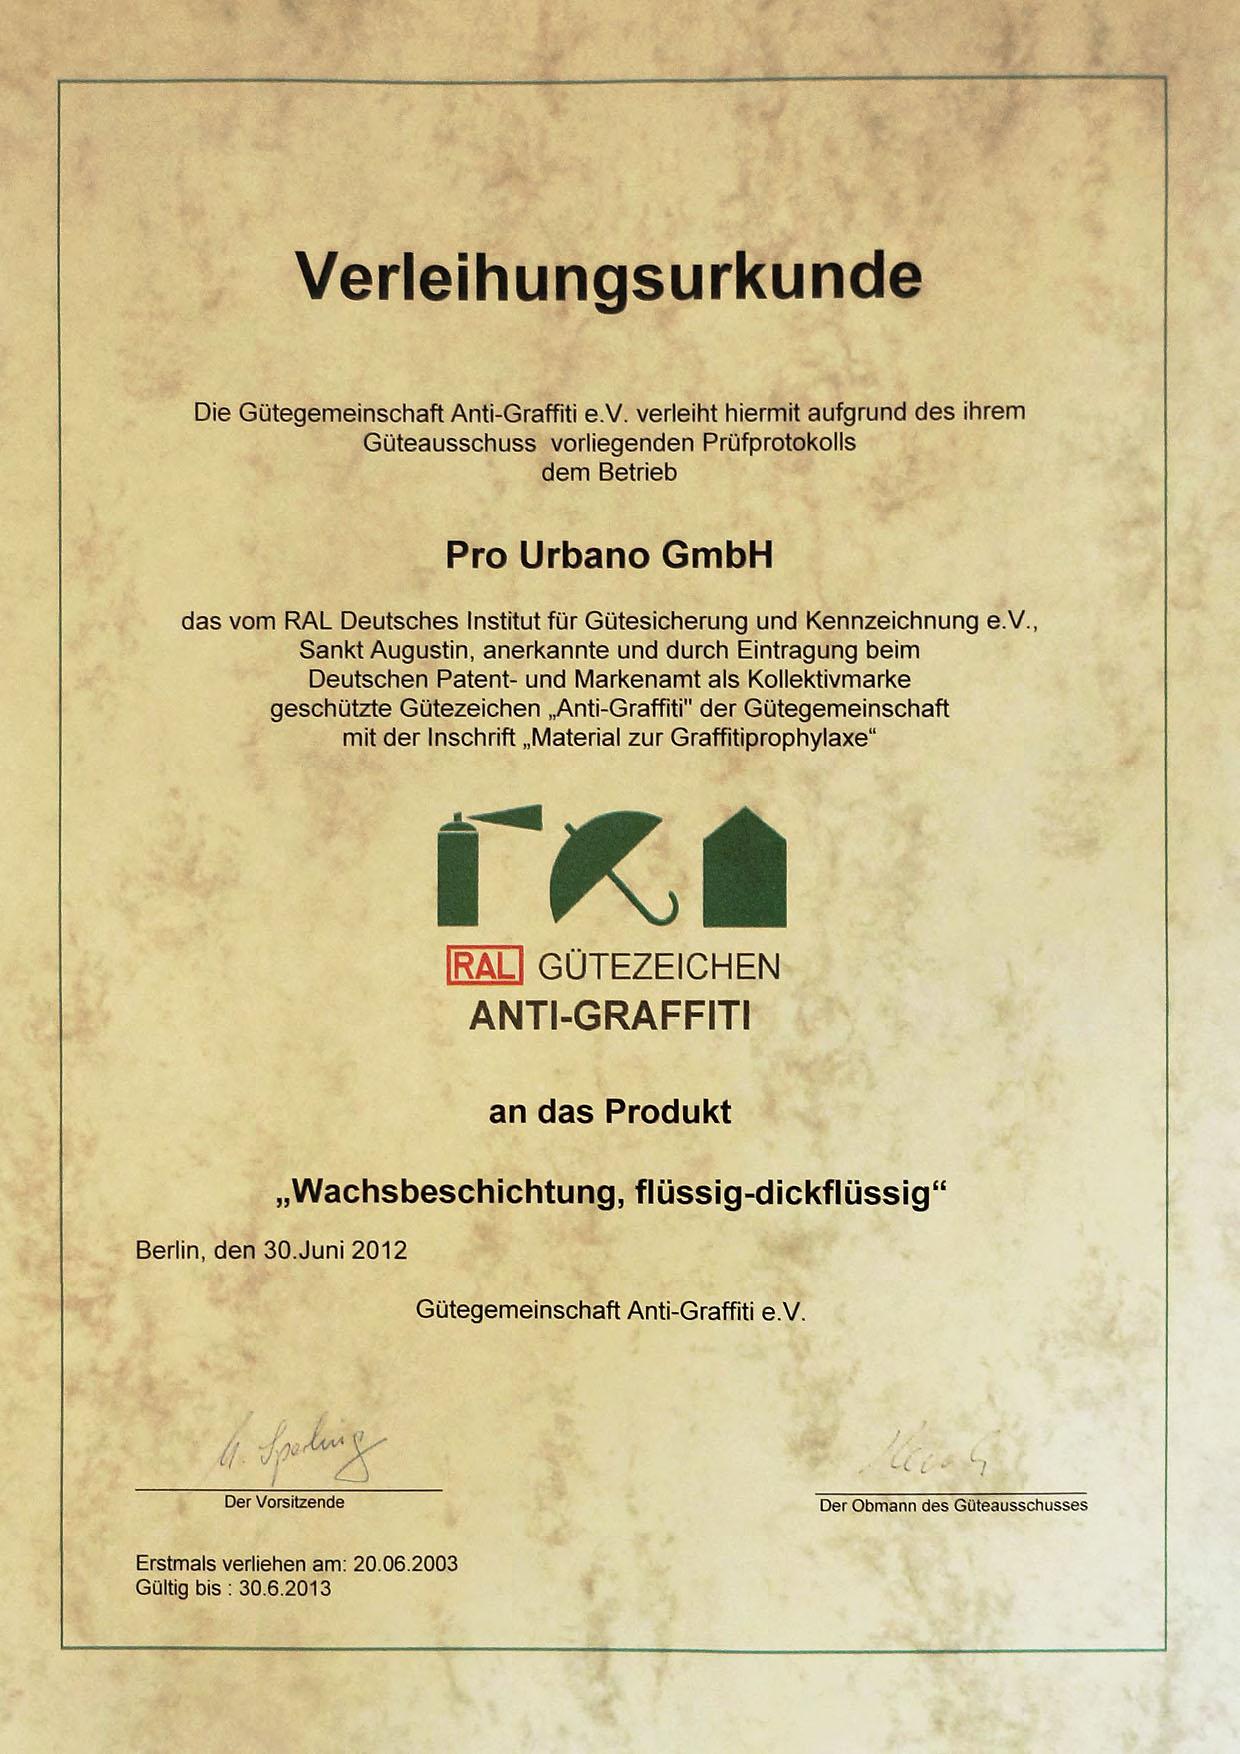 Urkunde_Wachsbeschichtung_2012